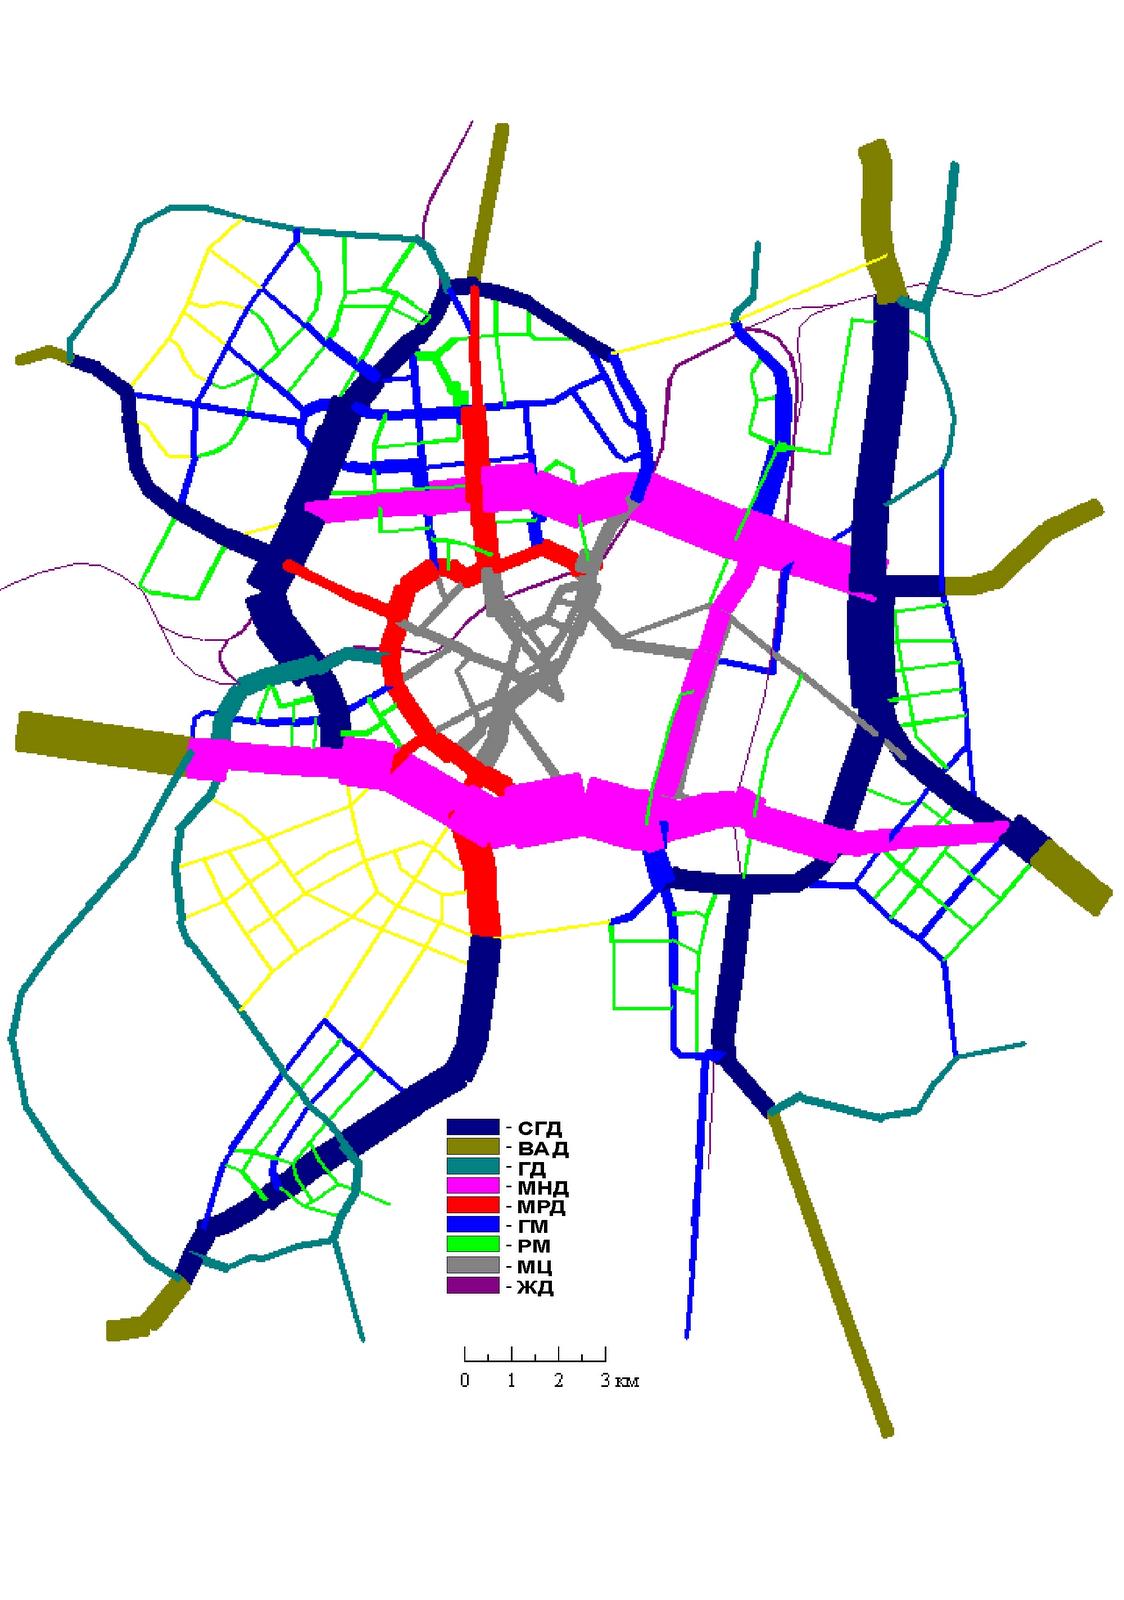 11. Основной  вариант развития МУДС, совмещенный с картограммой автомобилепотоков по категориям магистралей